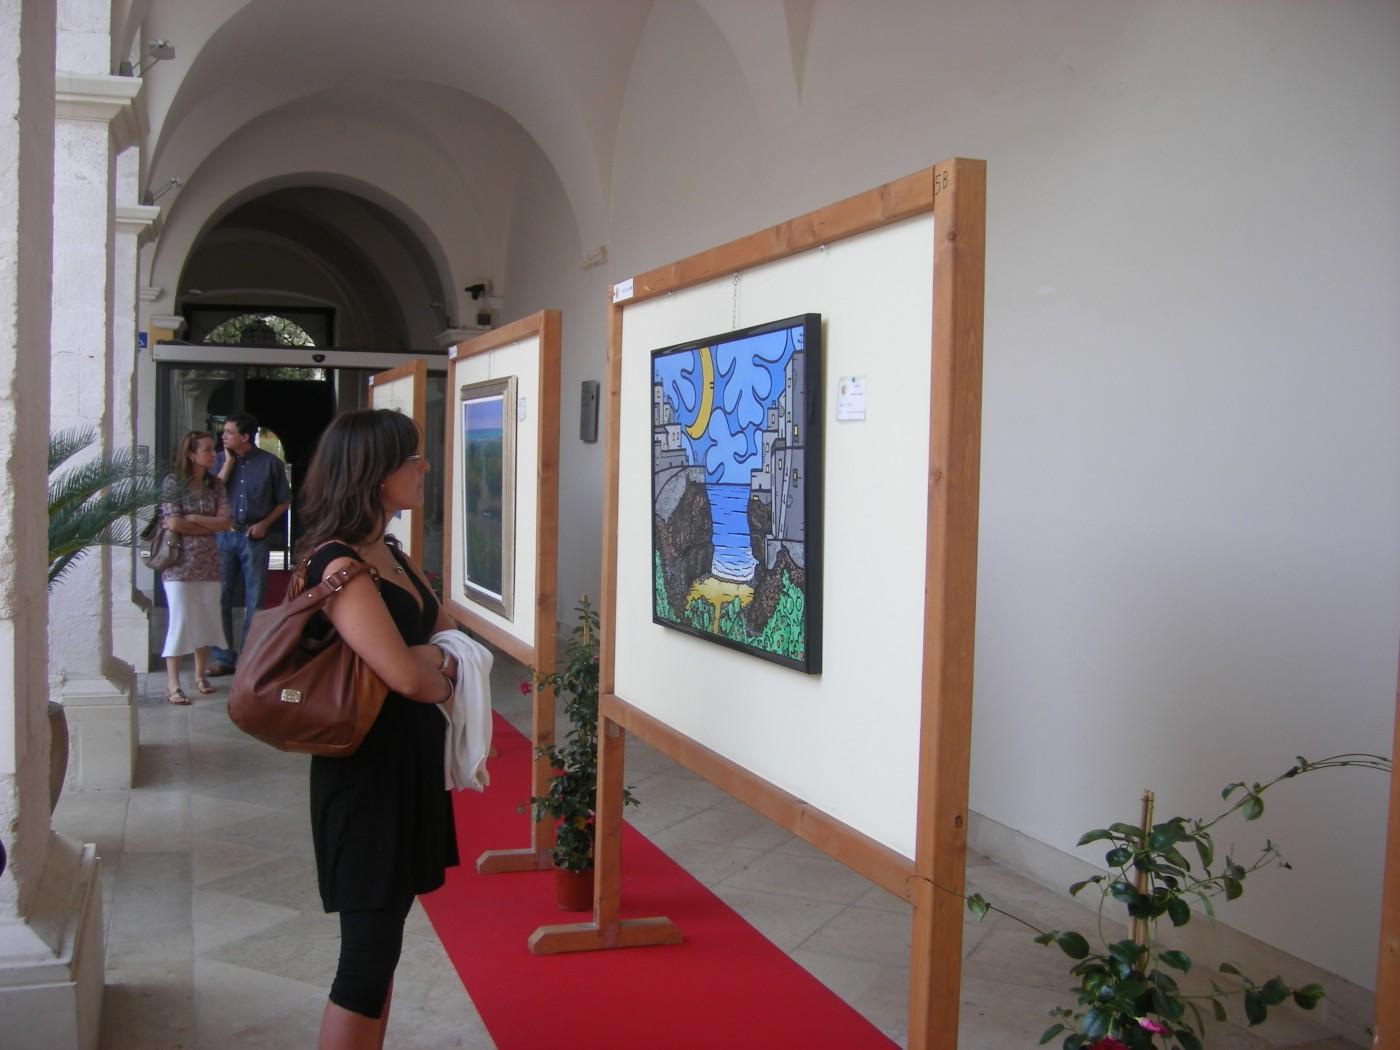 opera d'arte, contornismo metafisico, francesco ferrulli, pittore pugliese, artista italiano, arte contemporanea, dipinto, olio su tela, acrilico su tela, paesaggi pugliesi, quadri colorati, oil on canvas, art, painter, grafico, disegnatore,